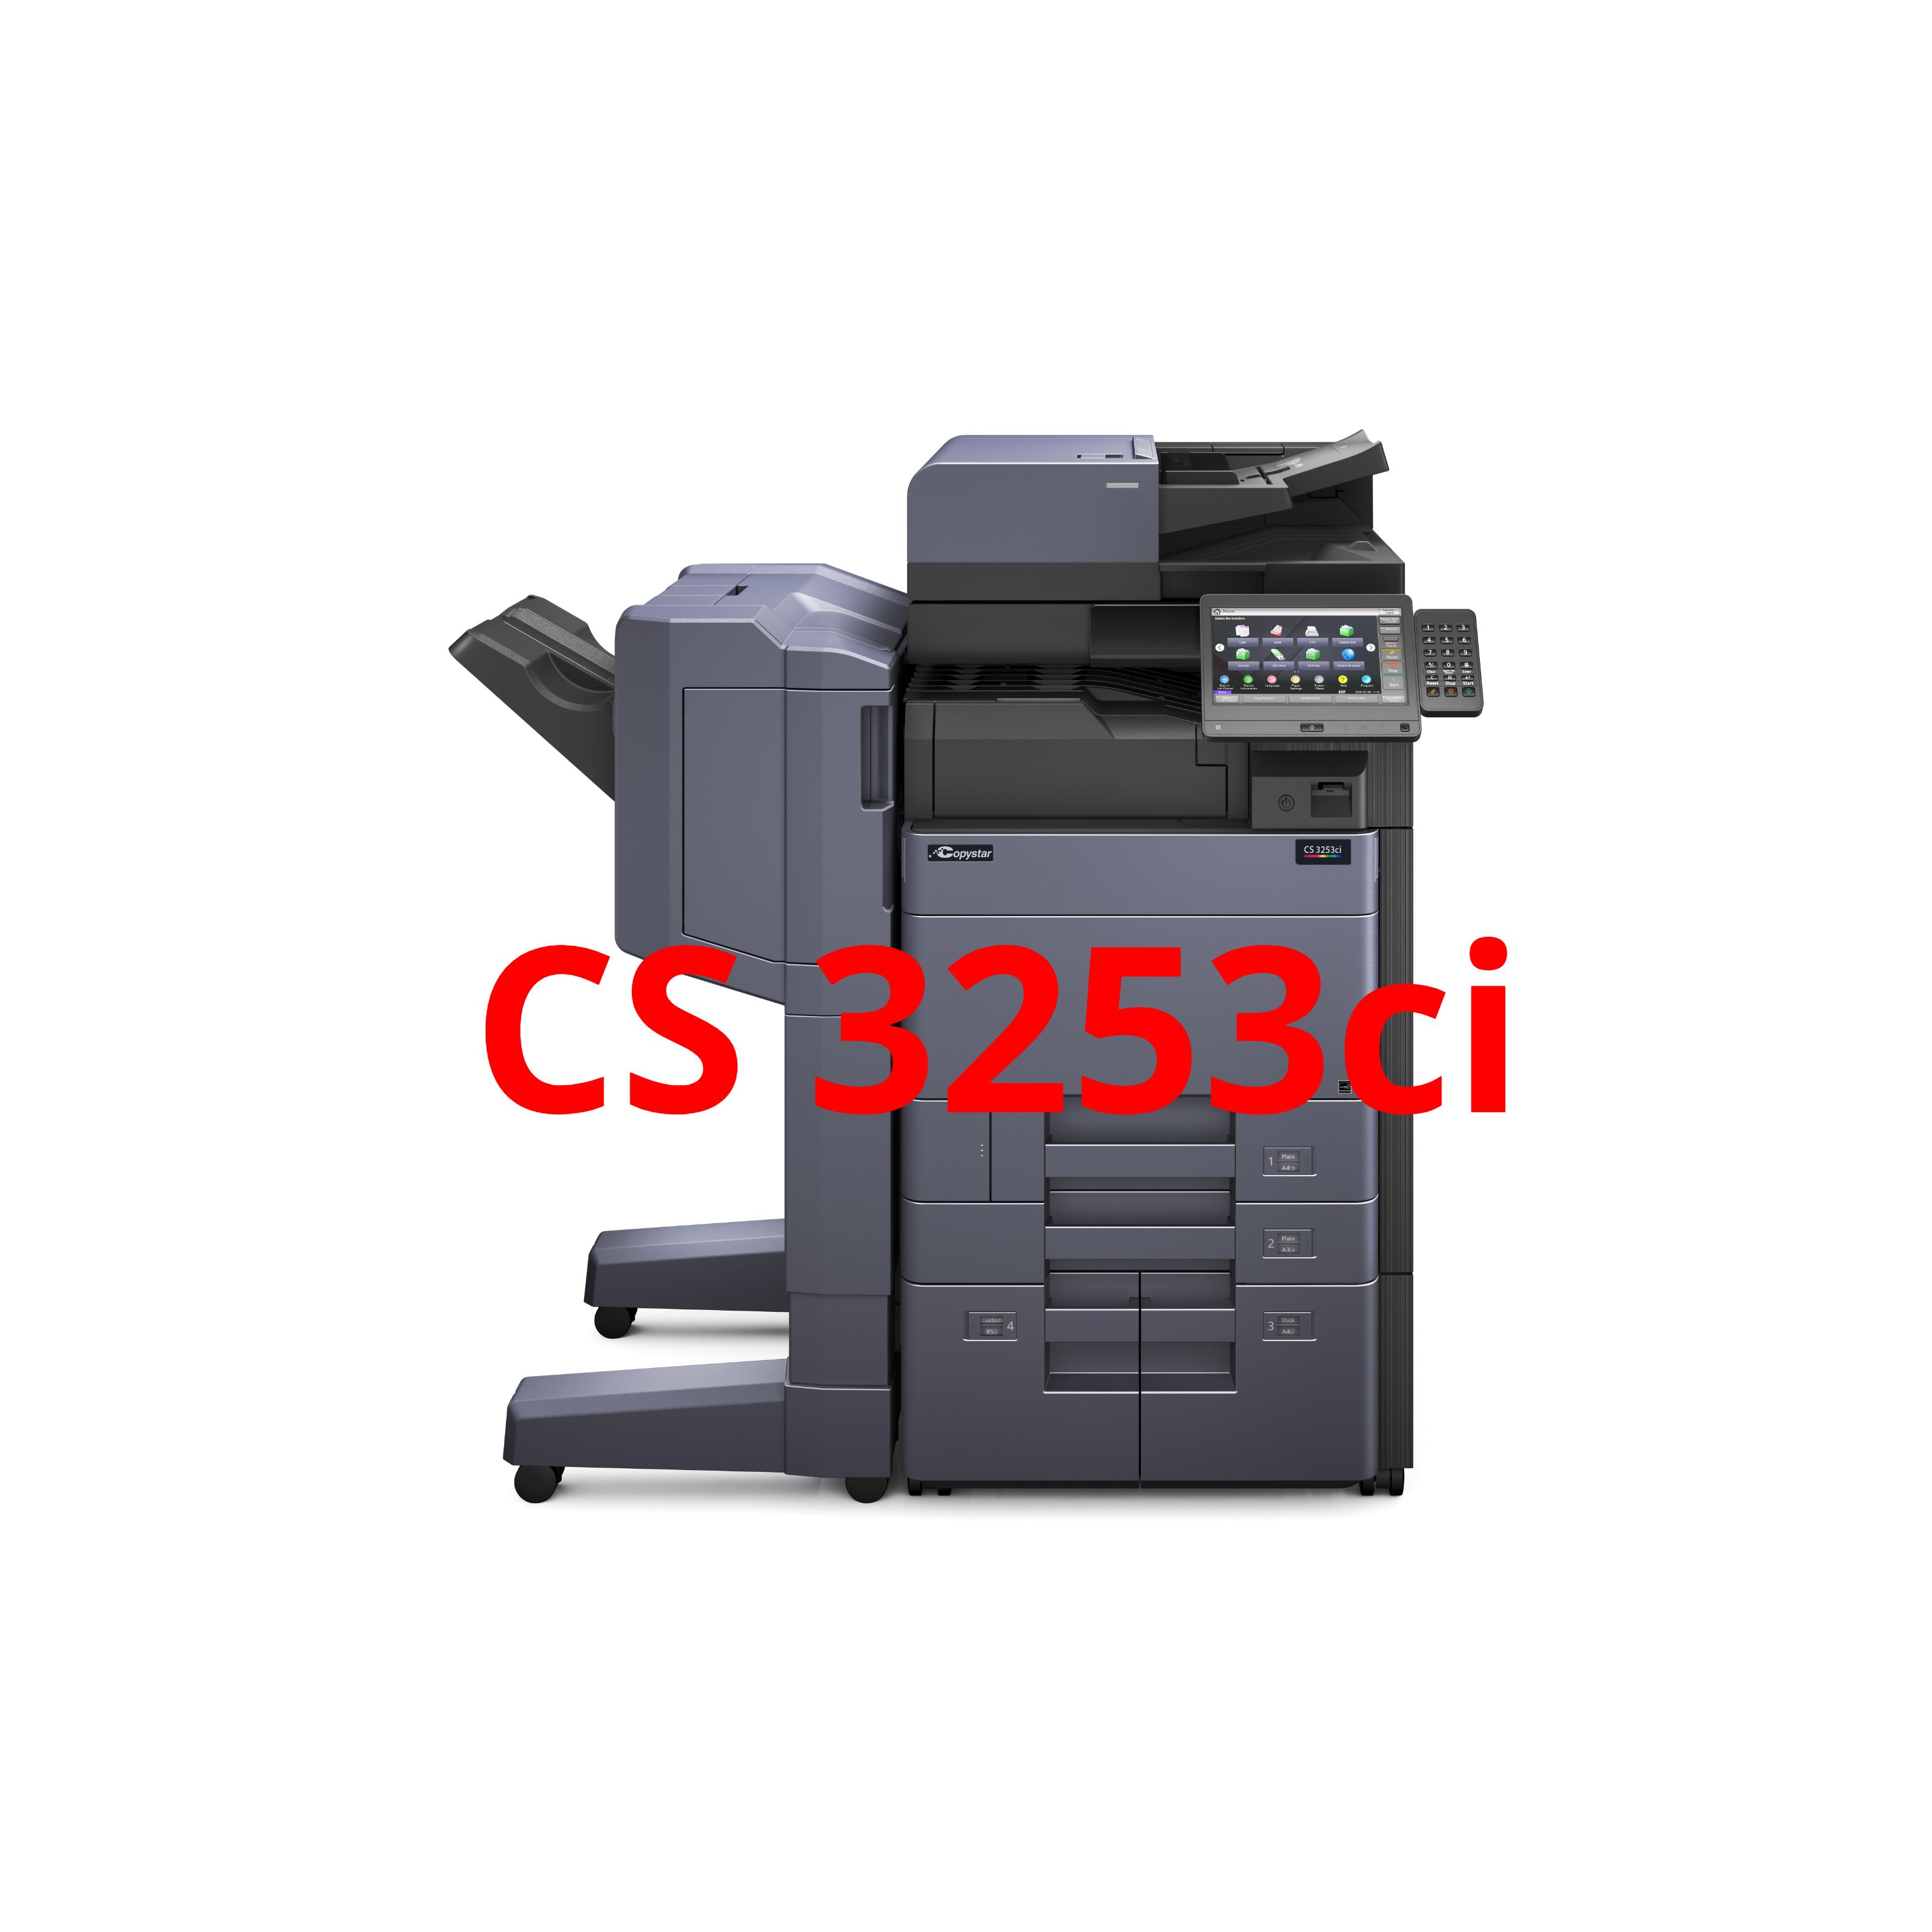 https://0201.nccdn.net/1_2/000/000/154/036/CS_3253ci_Image2.png